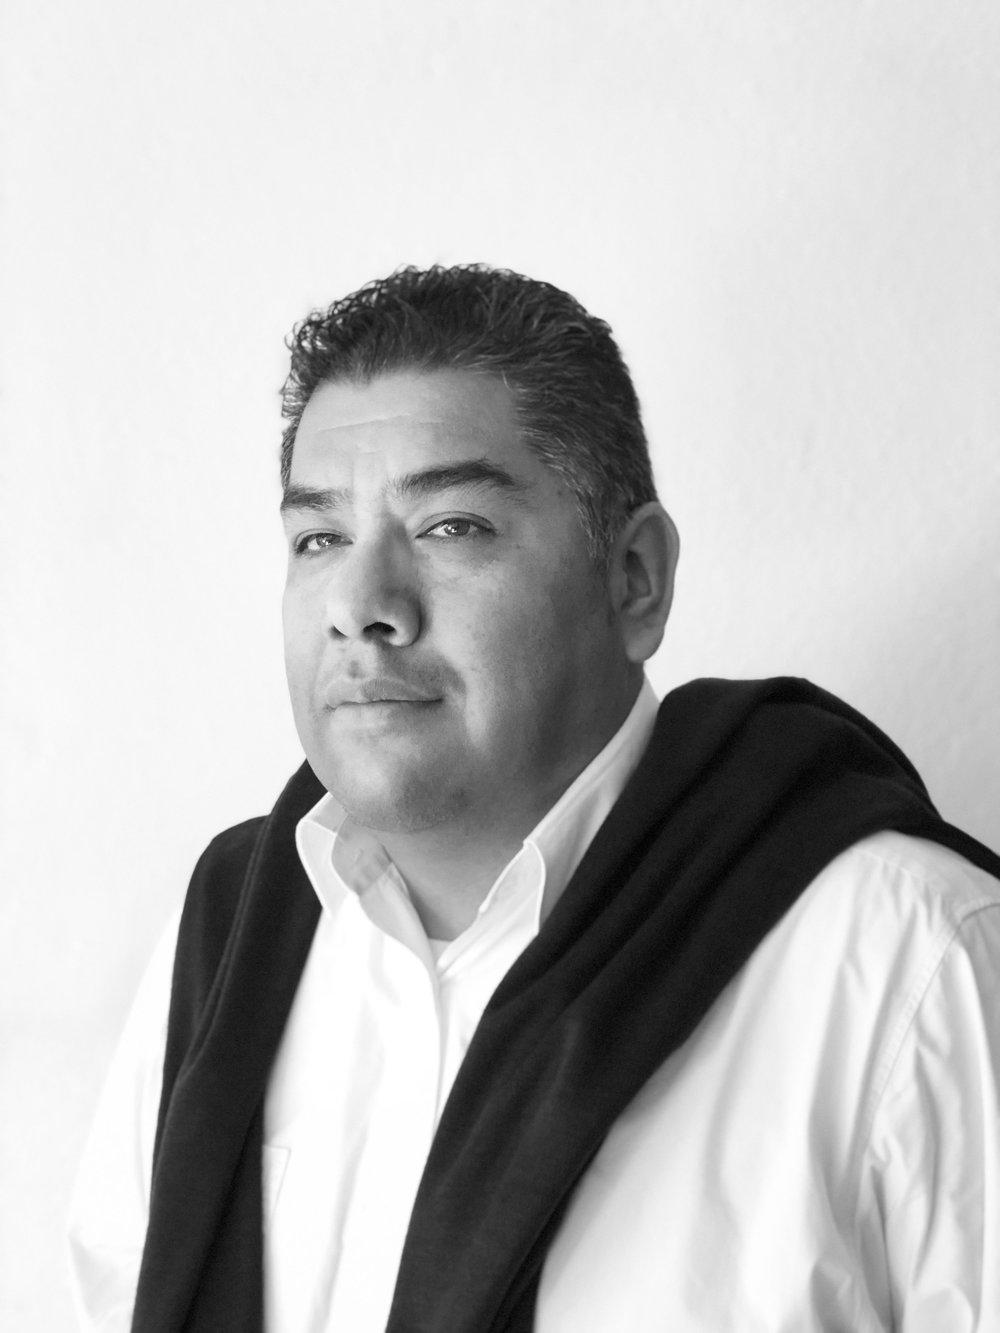 Ricardo Moranchel